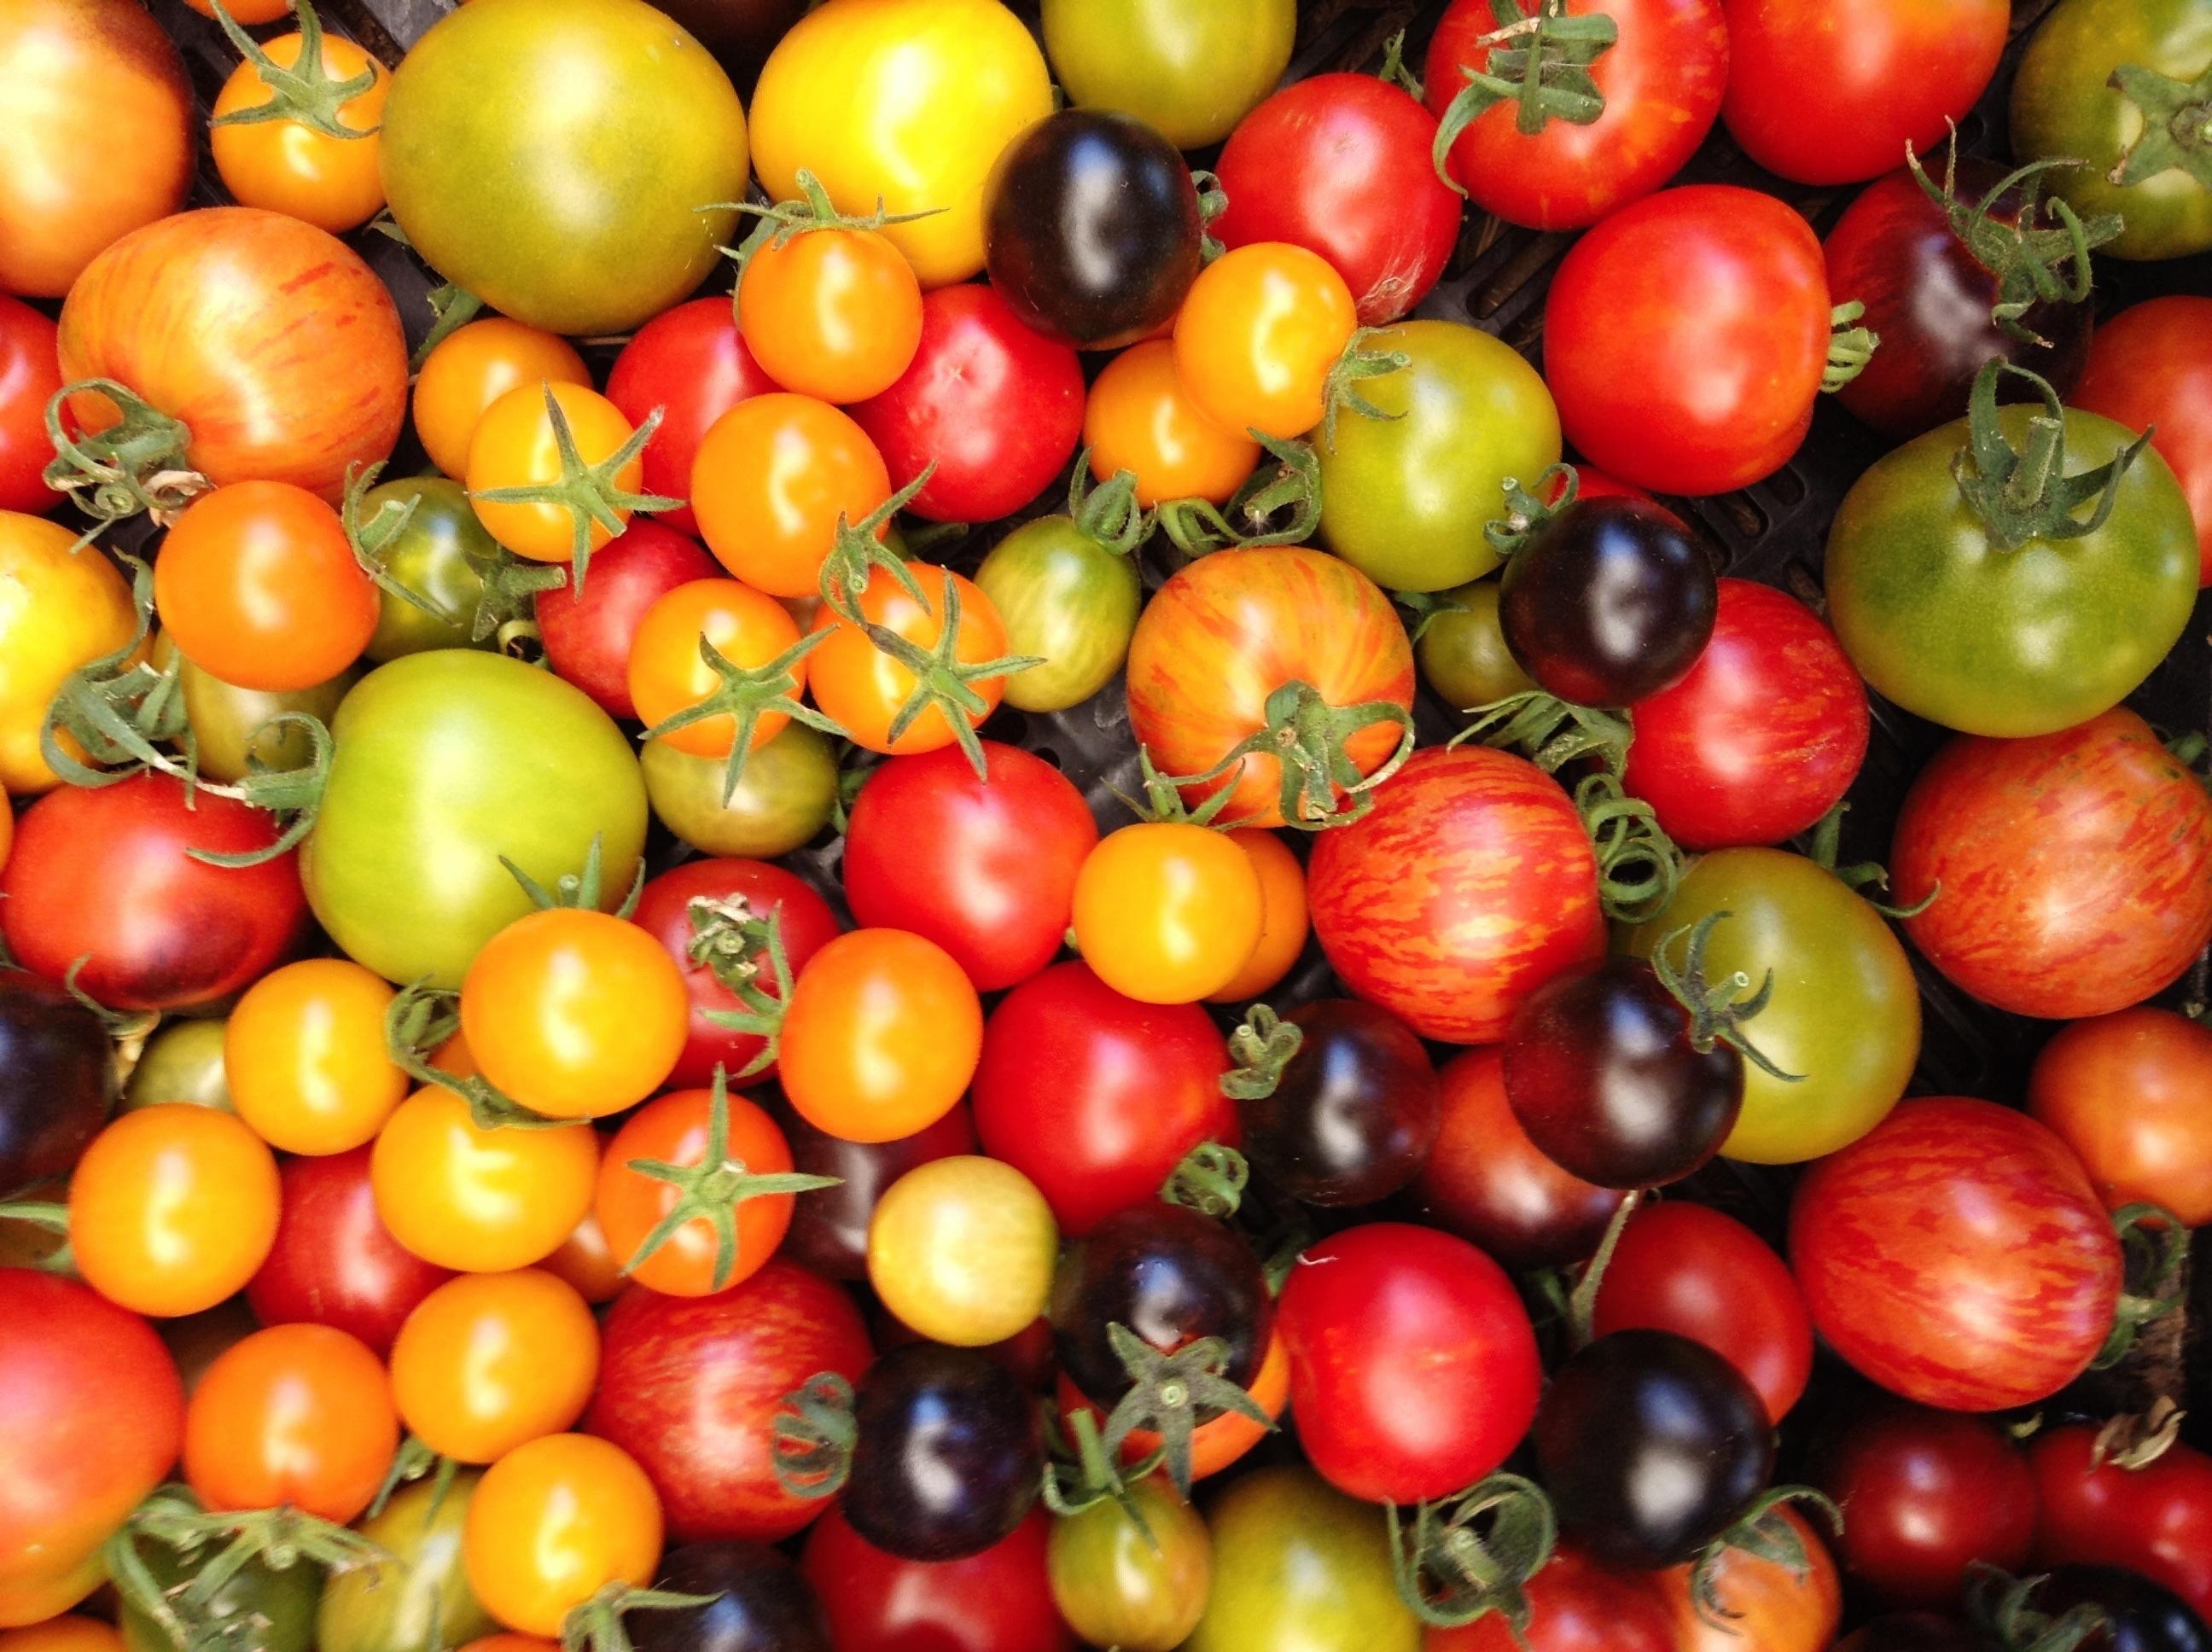 Beautiful Tomatoes